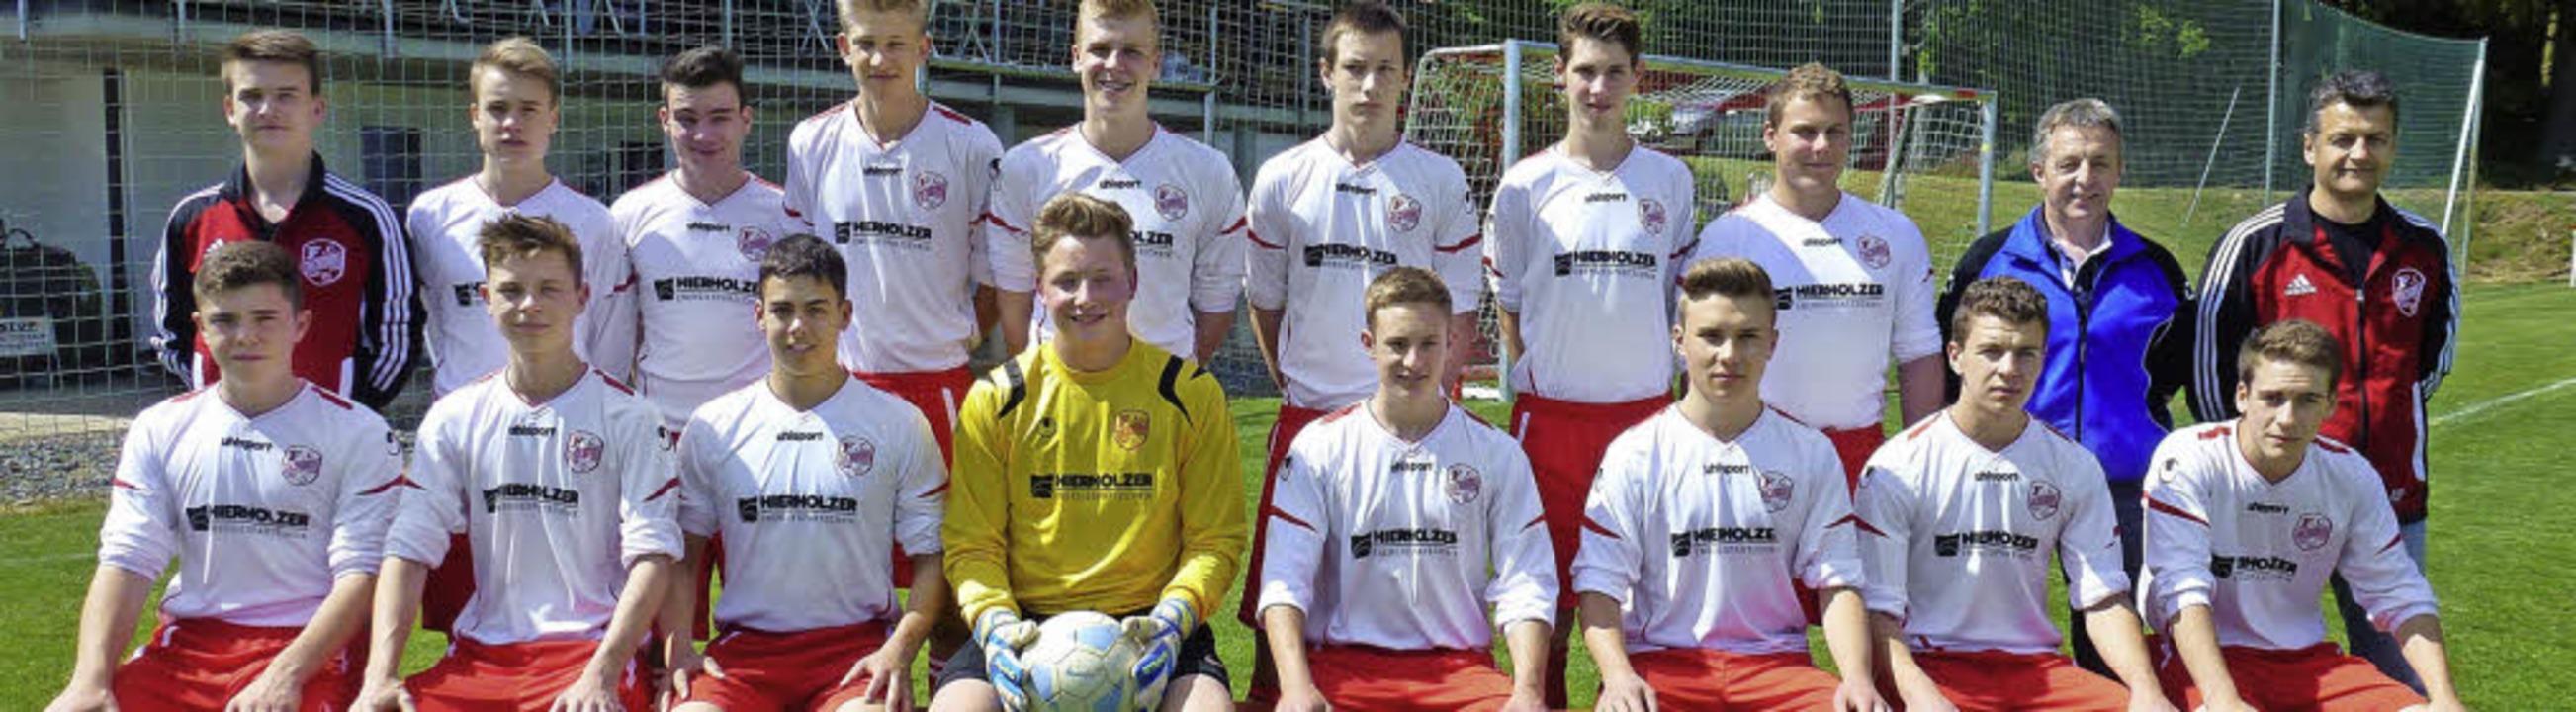 Die siegreichen B-Junioren der Spielge...nd von links). Es fehlt Marcel Gutjahr  | Foto: PRIVAT